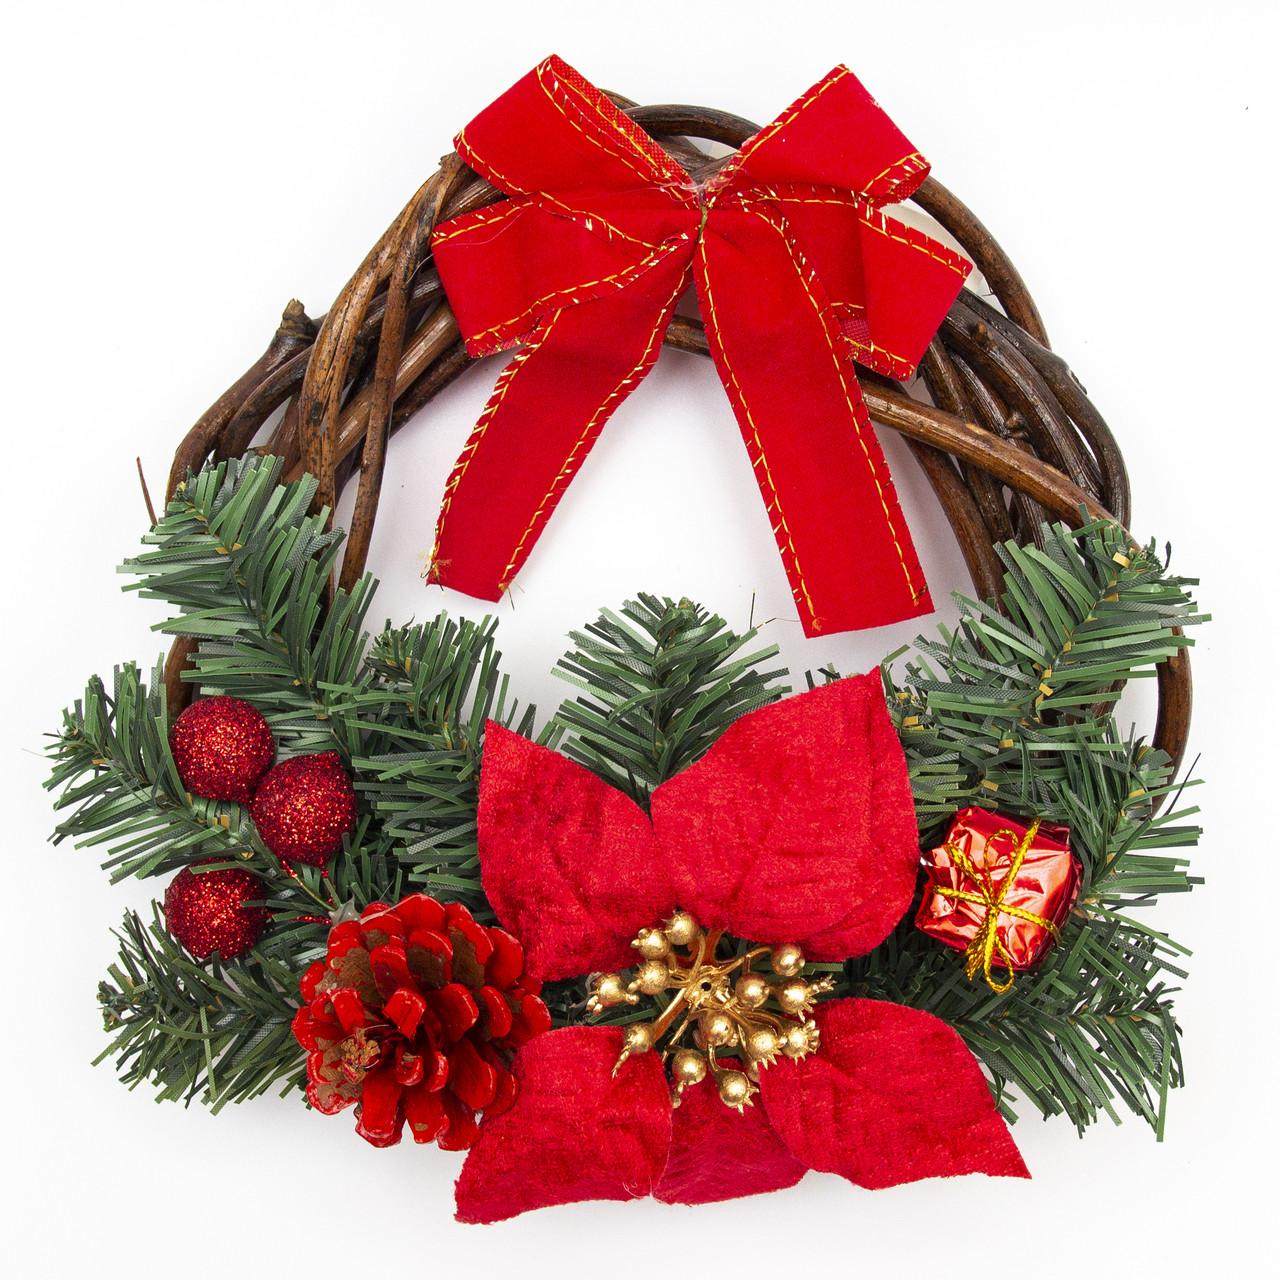 Різдвяний вінок з квіткою, червоний декор, 20 см (930272)